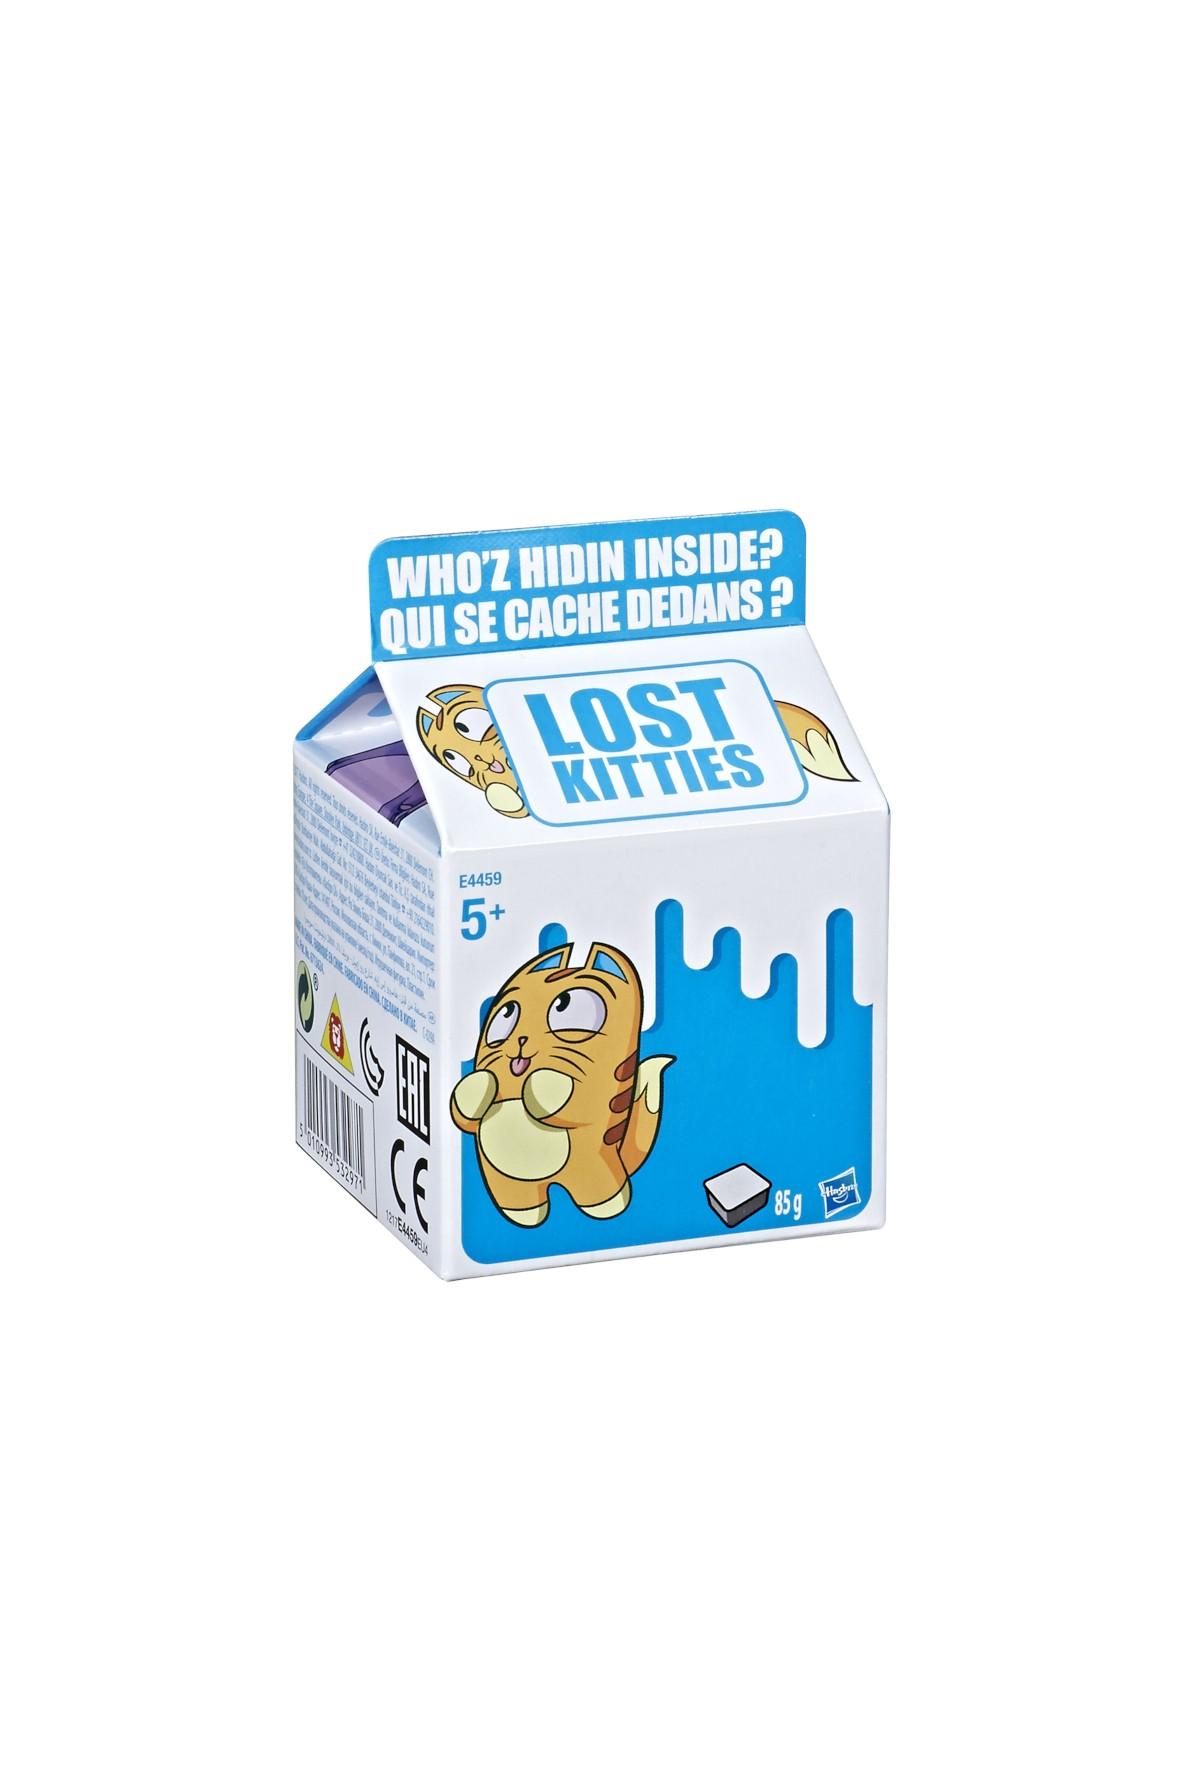 Lost Kitties - figurka w ciastolinie 5+